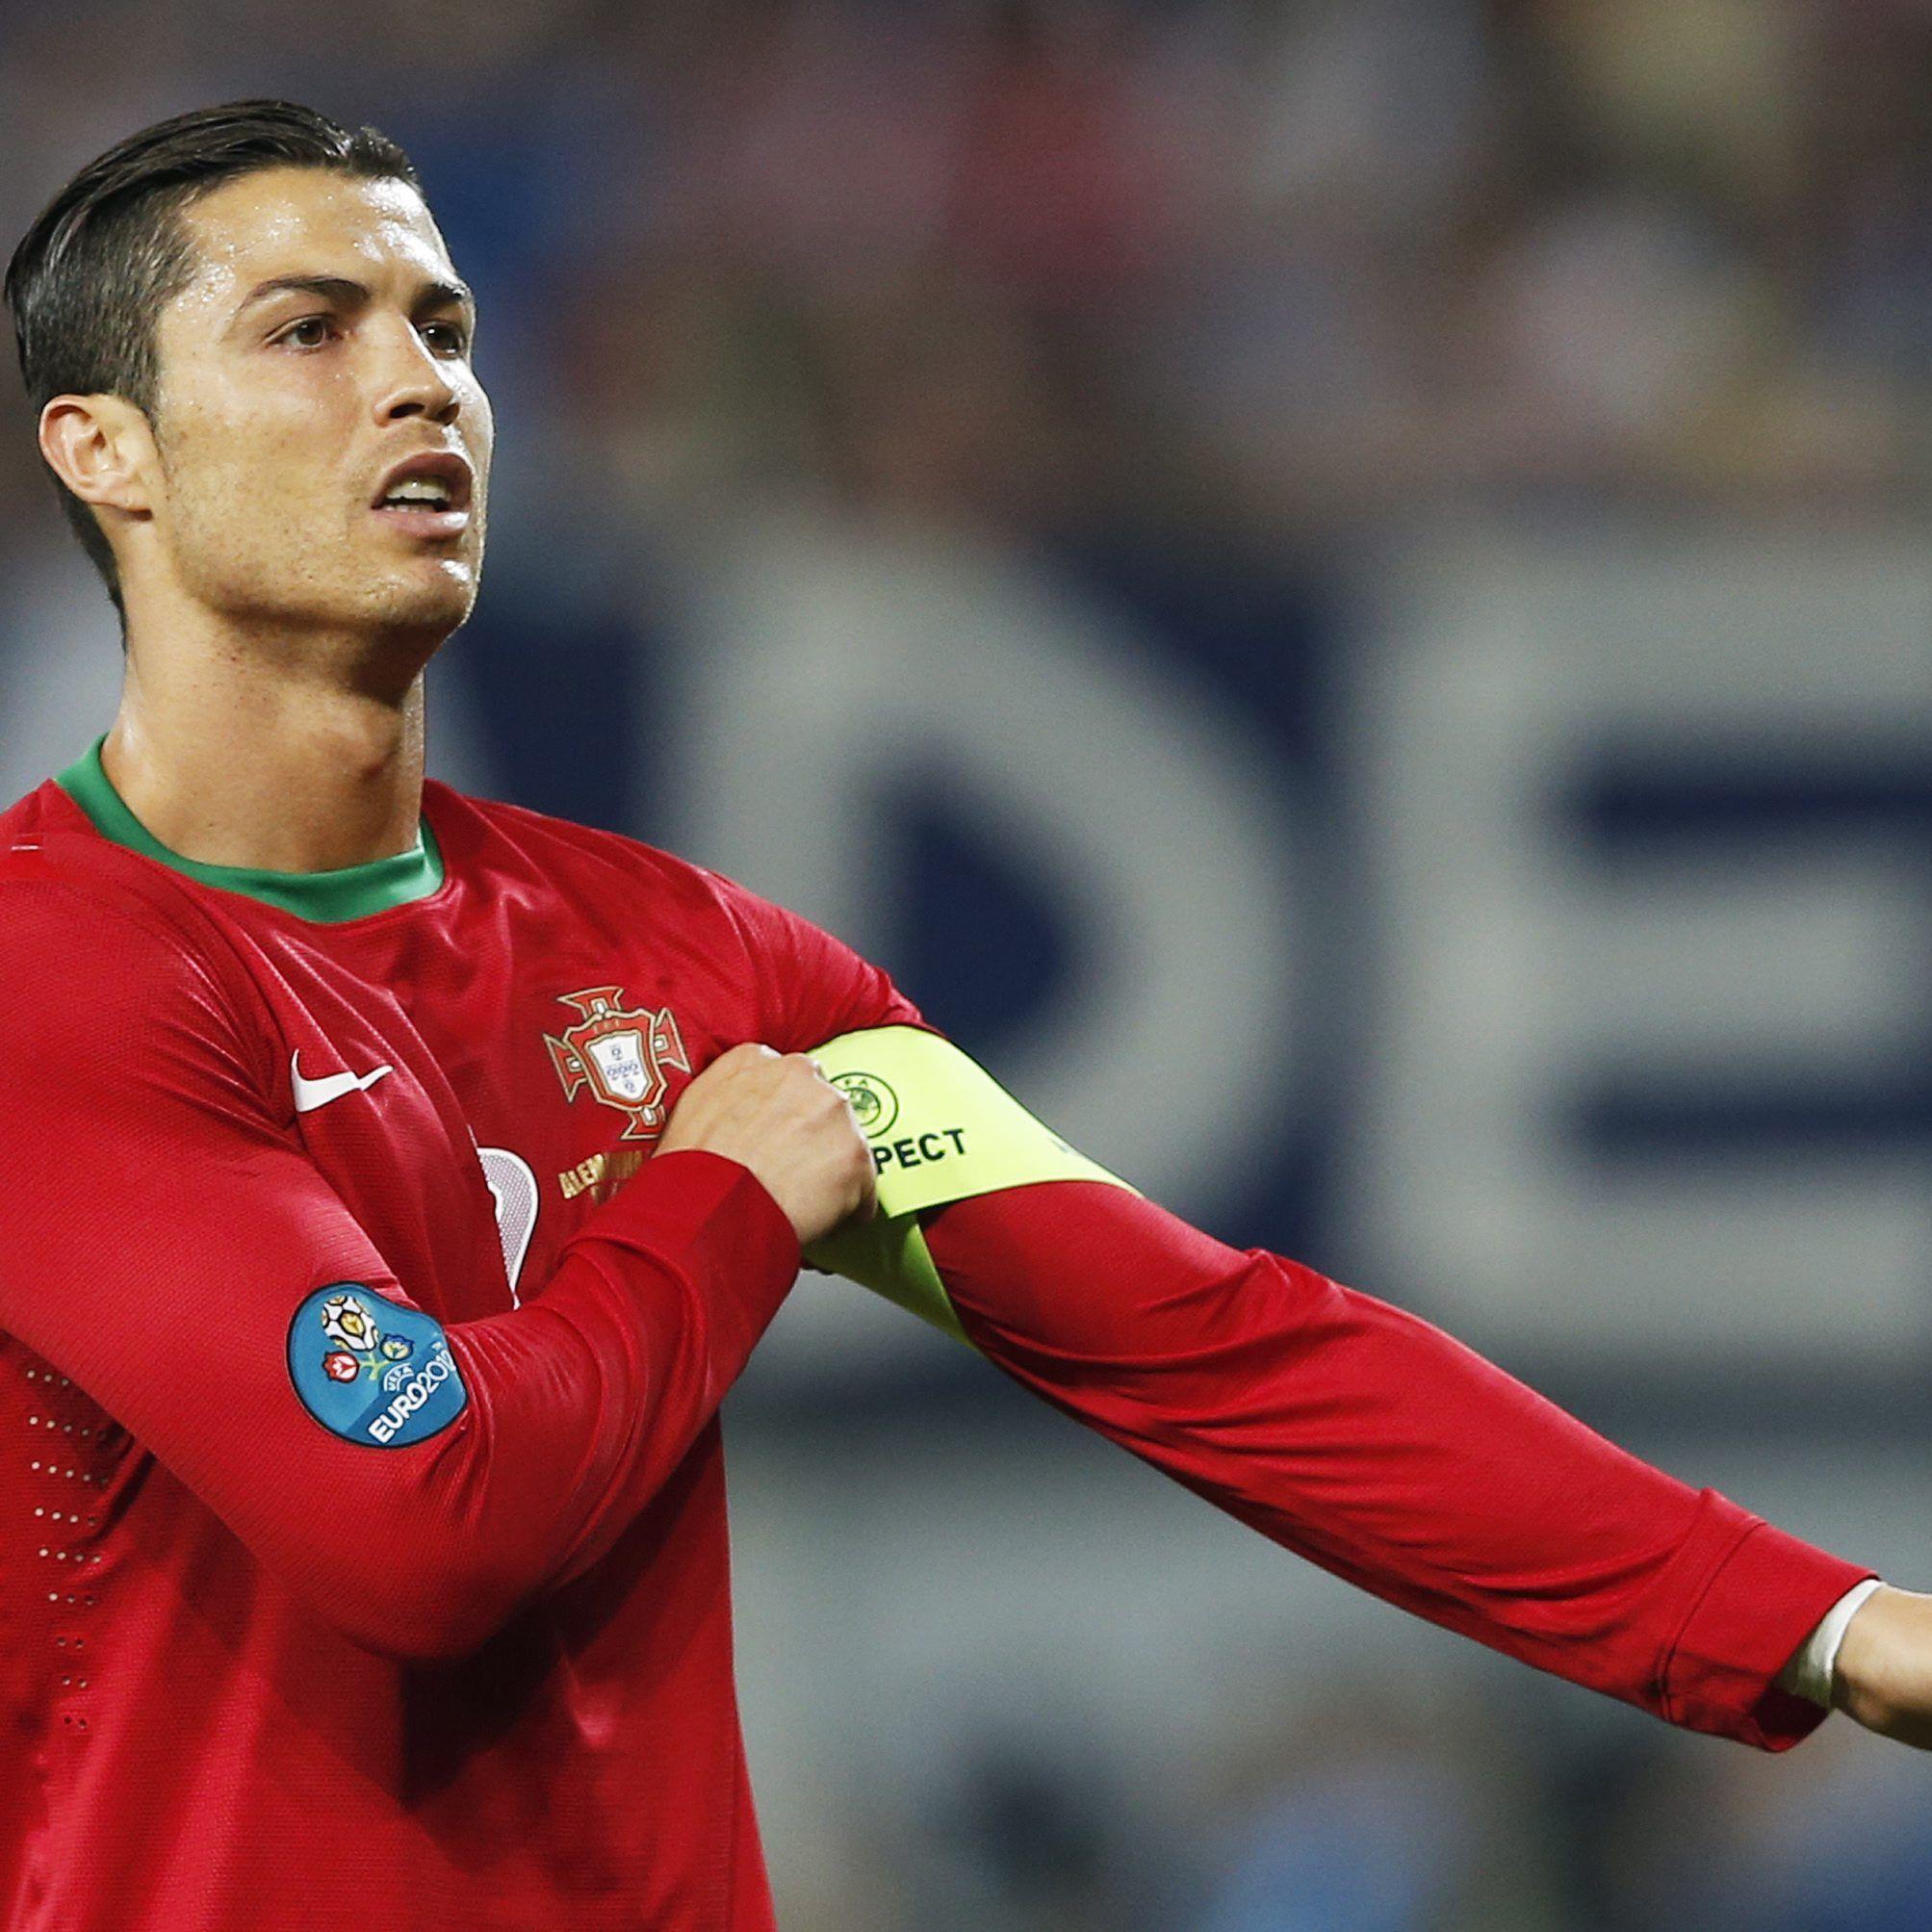 Geht es nach den Vorarlberger Tipp3-Spielern, wird Portugal den EM-Titel holen.